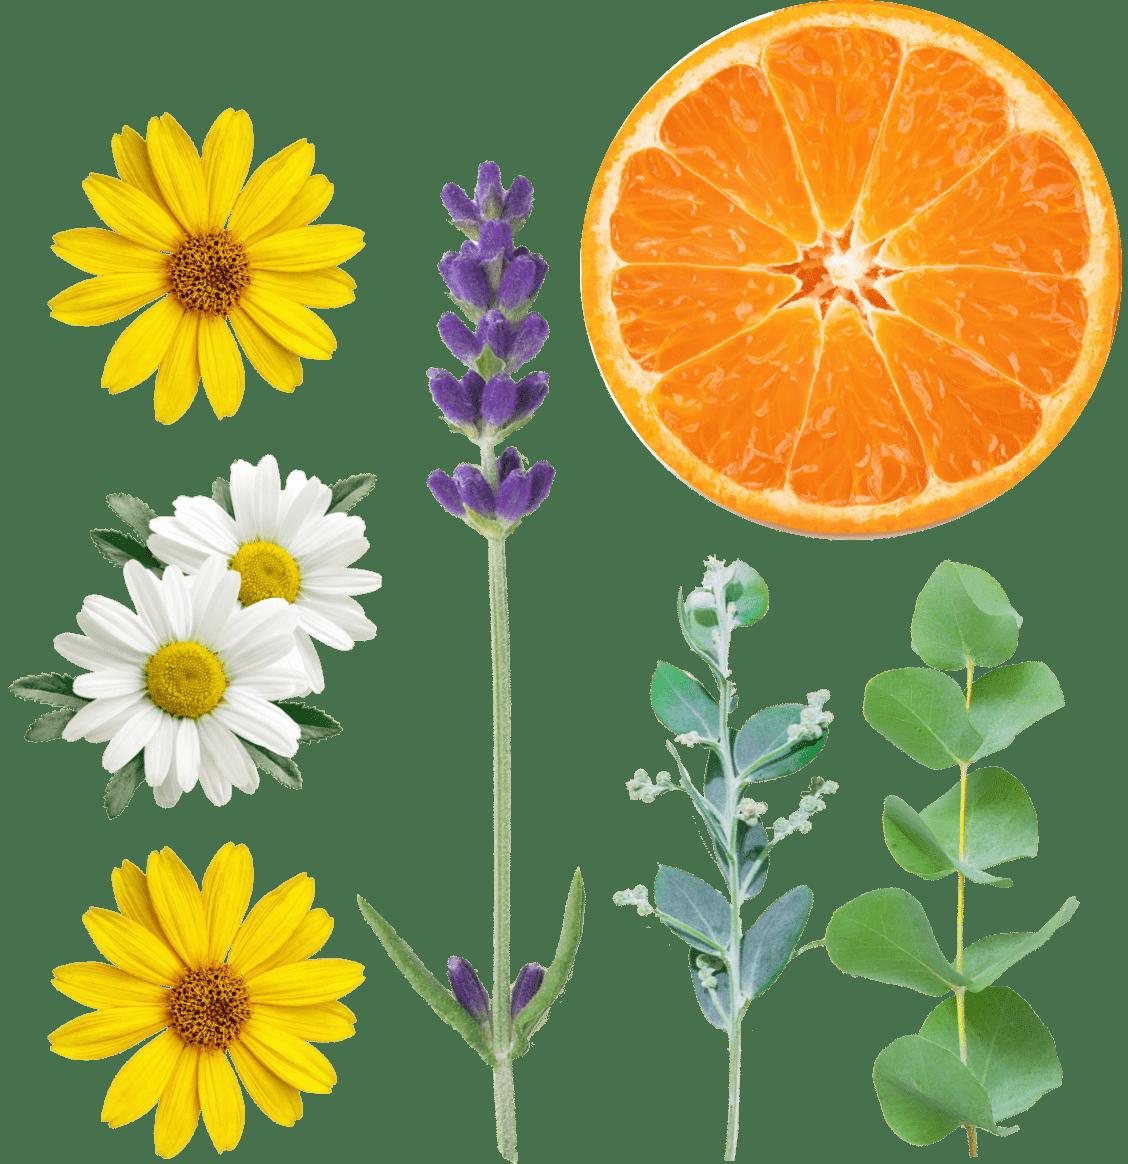 植物や果実の写真